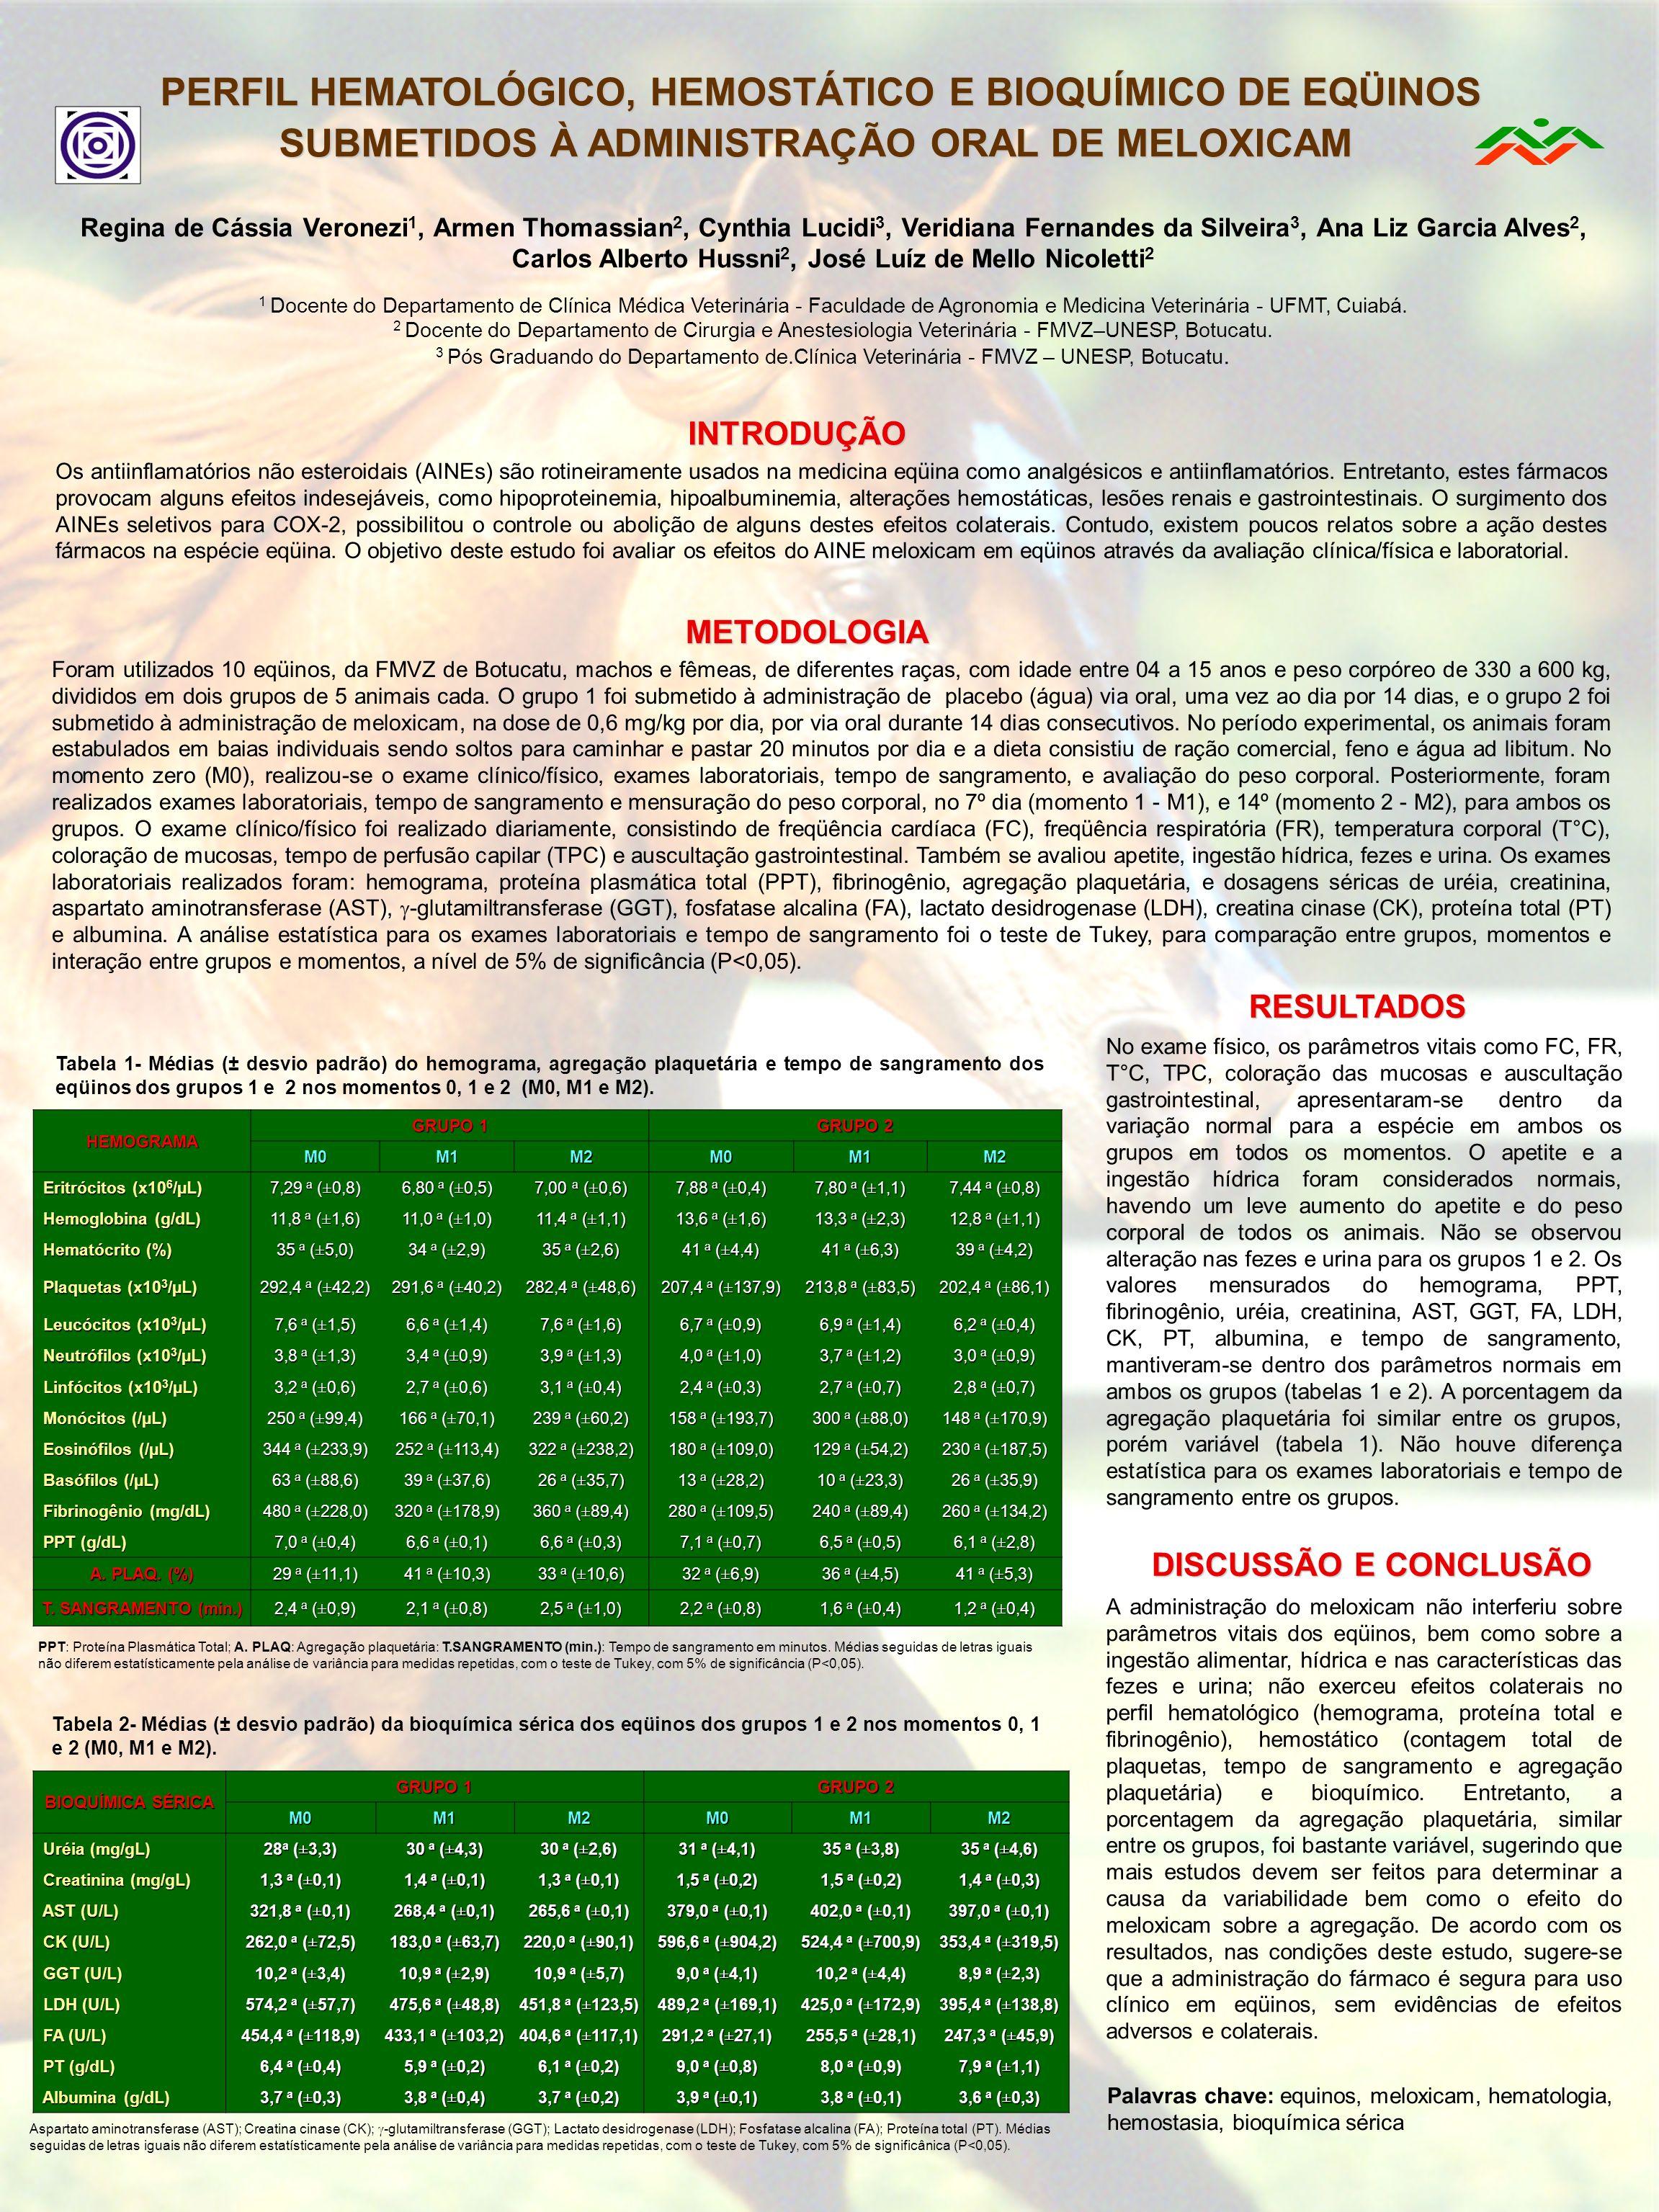 PERFIL HEMATOLÓGICO, HEMOSTÁTICO E BIOQUÍMICO DE EQÜINOS SUBMETIDOS À ADMINISTRAÇÃO ORAL DE MELOXICAM